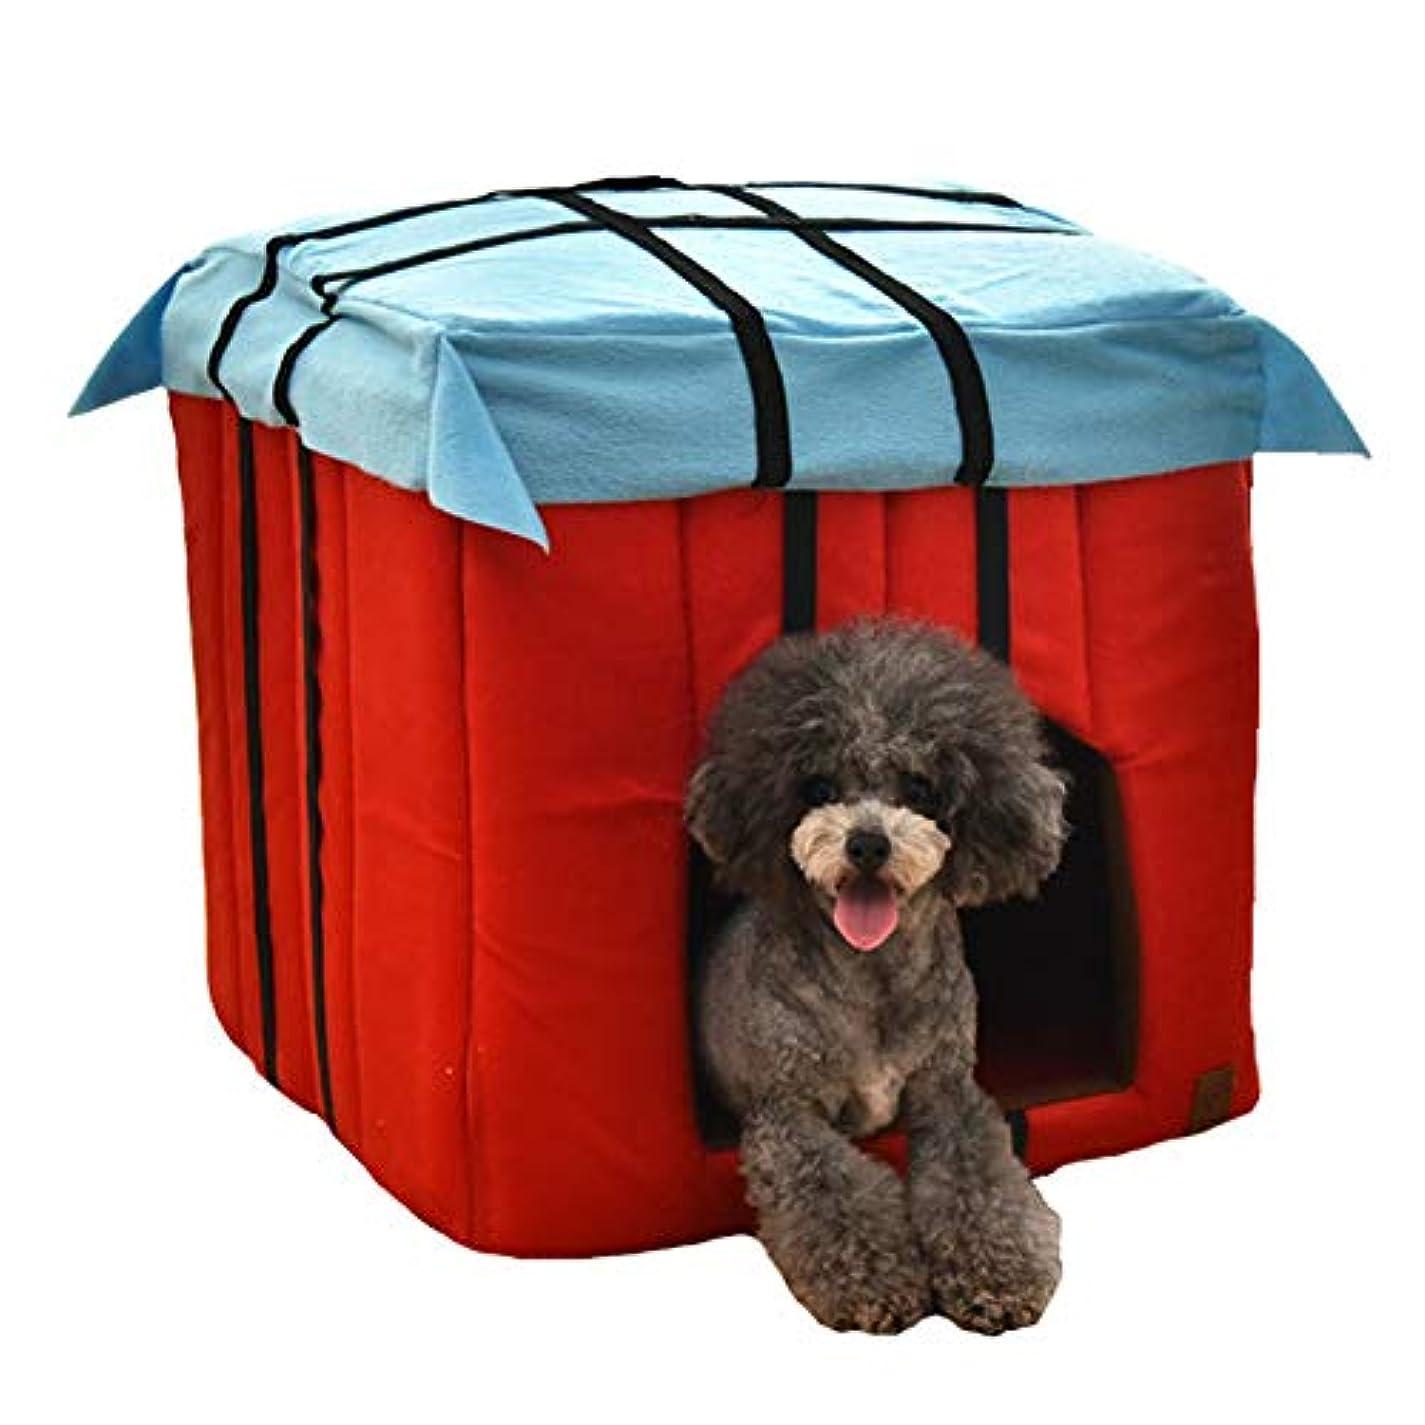 著名なはぁいつか犬小屋猫の巣ペットベッド快適丸穴取り外し可能保温する四季